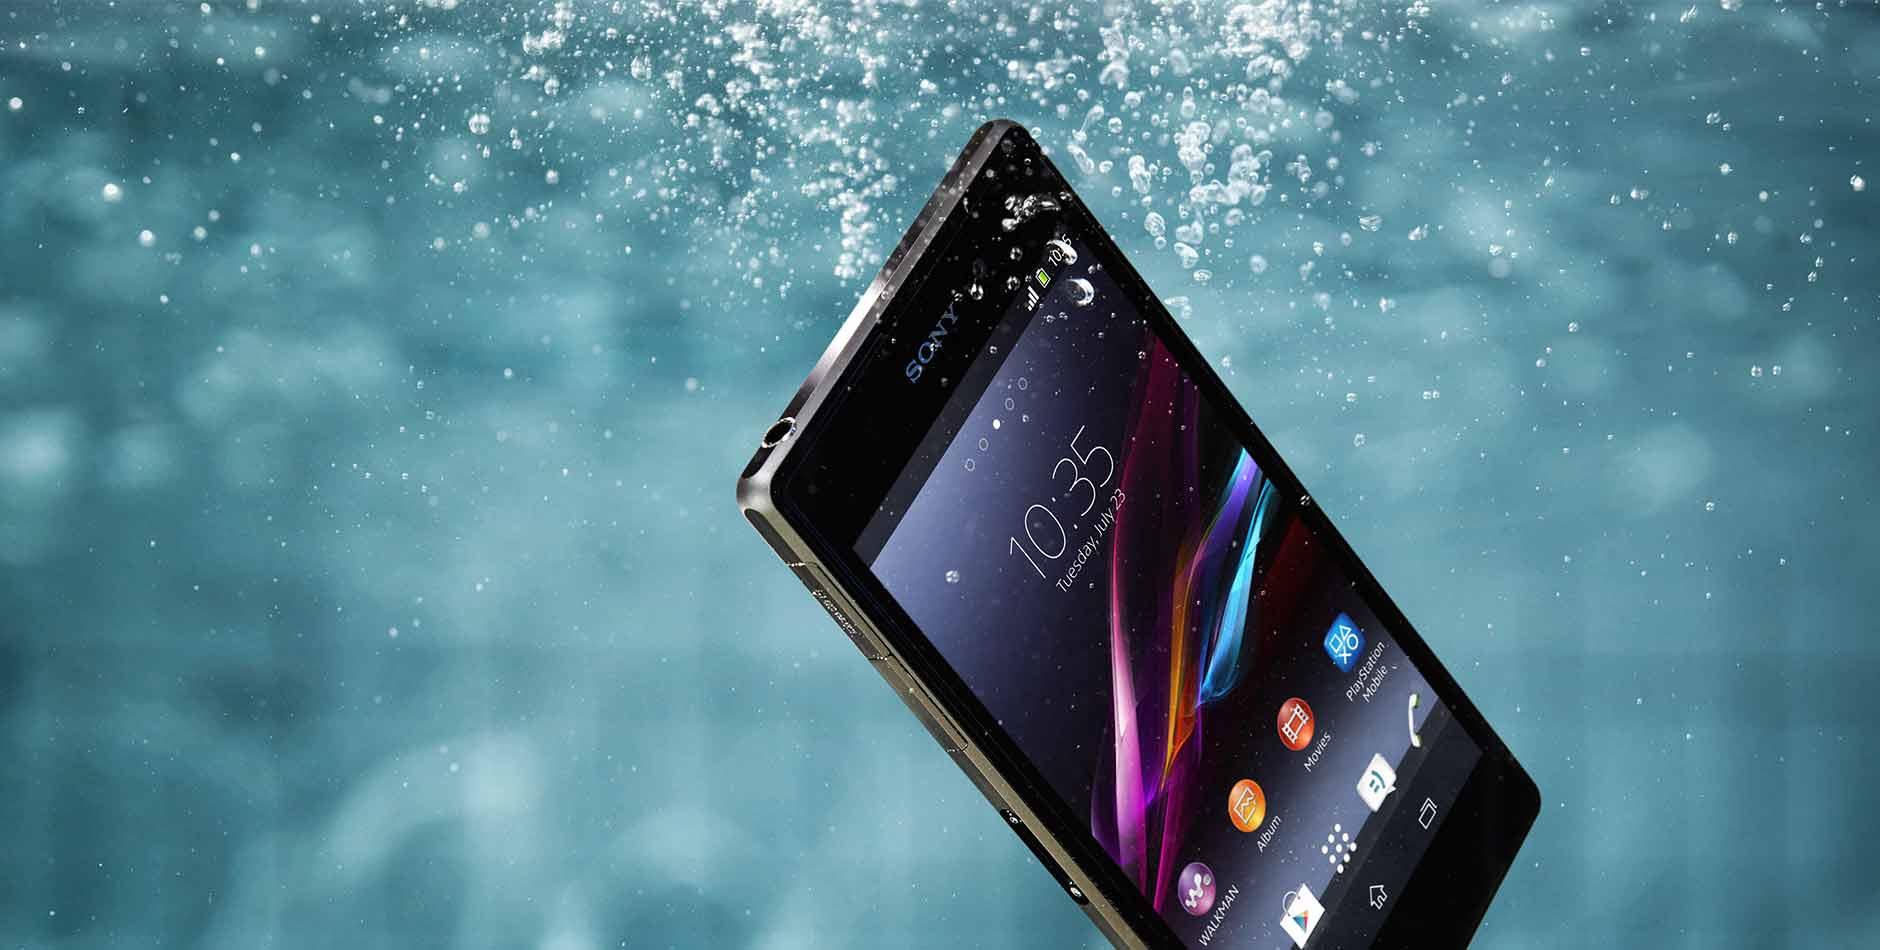 Des résultats très mauvais de Sony à cause des smartphones, Quelles solutions ?